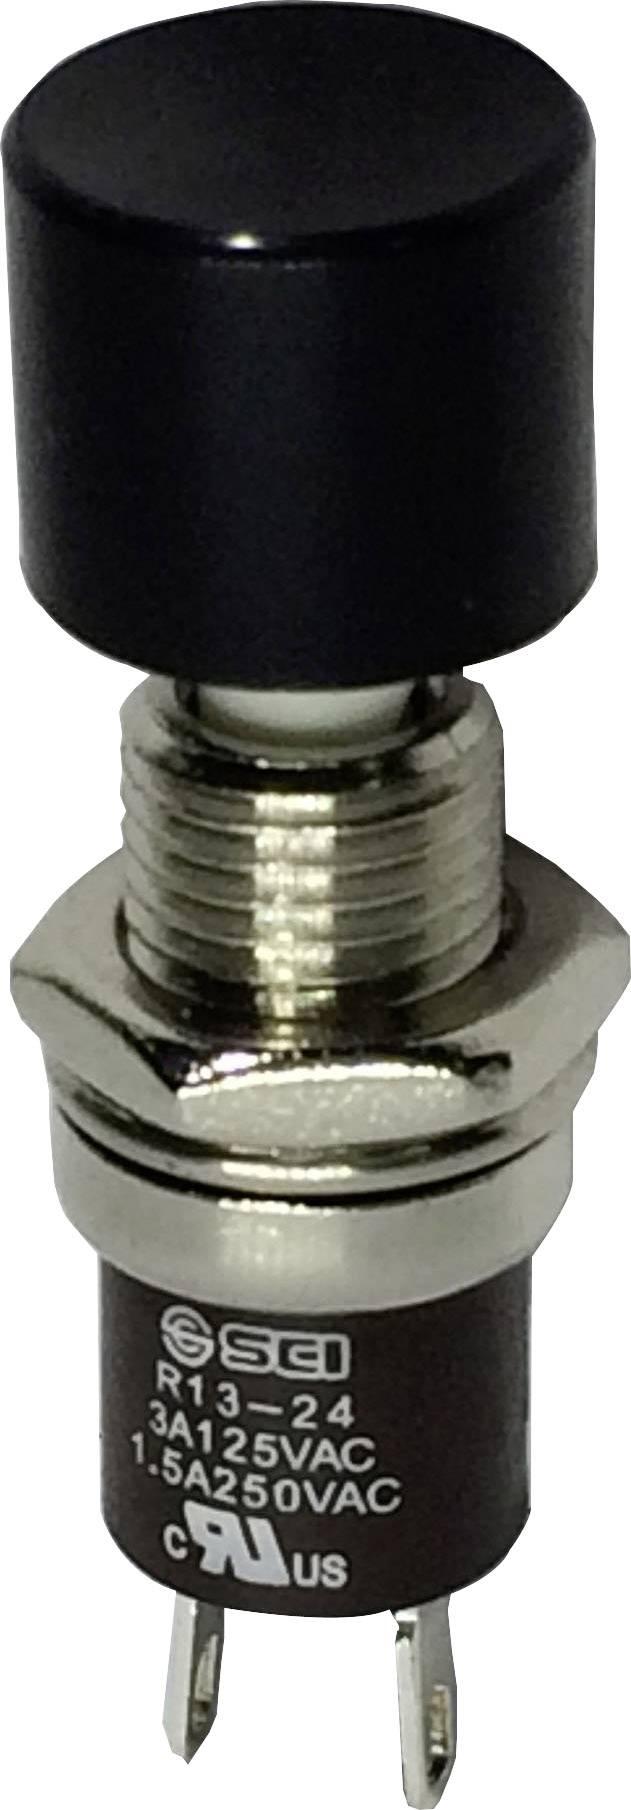 Stláčacie tlačidlo SCI R13-24B2-05 BK, 250 V/AC, 1.5 A, 1 ks